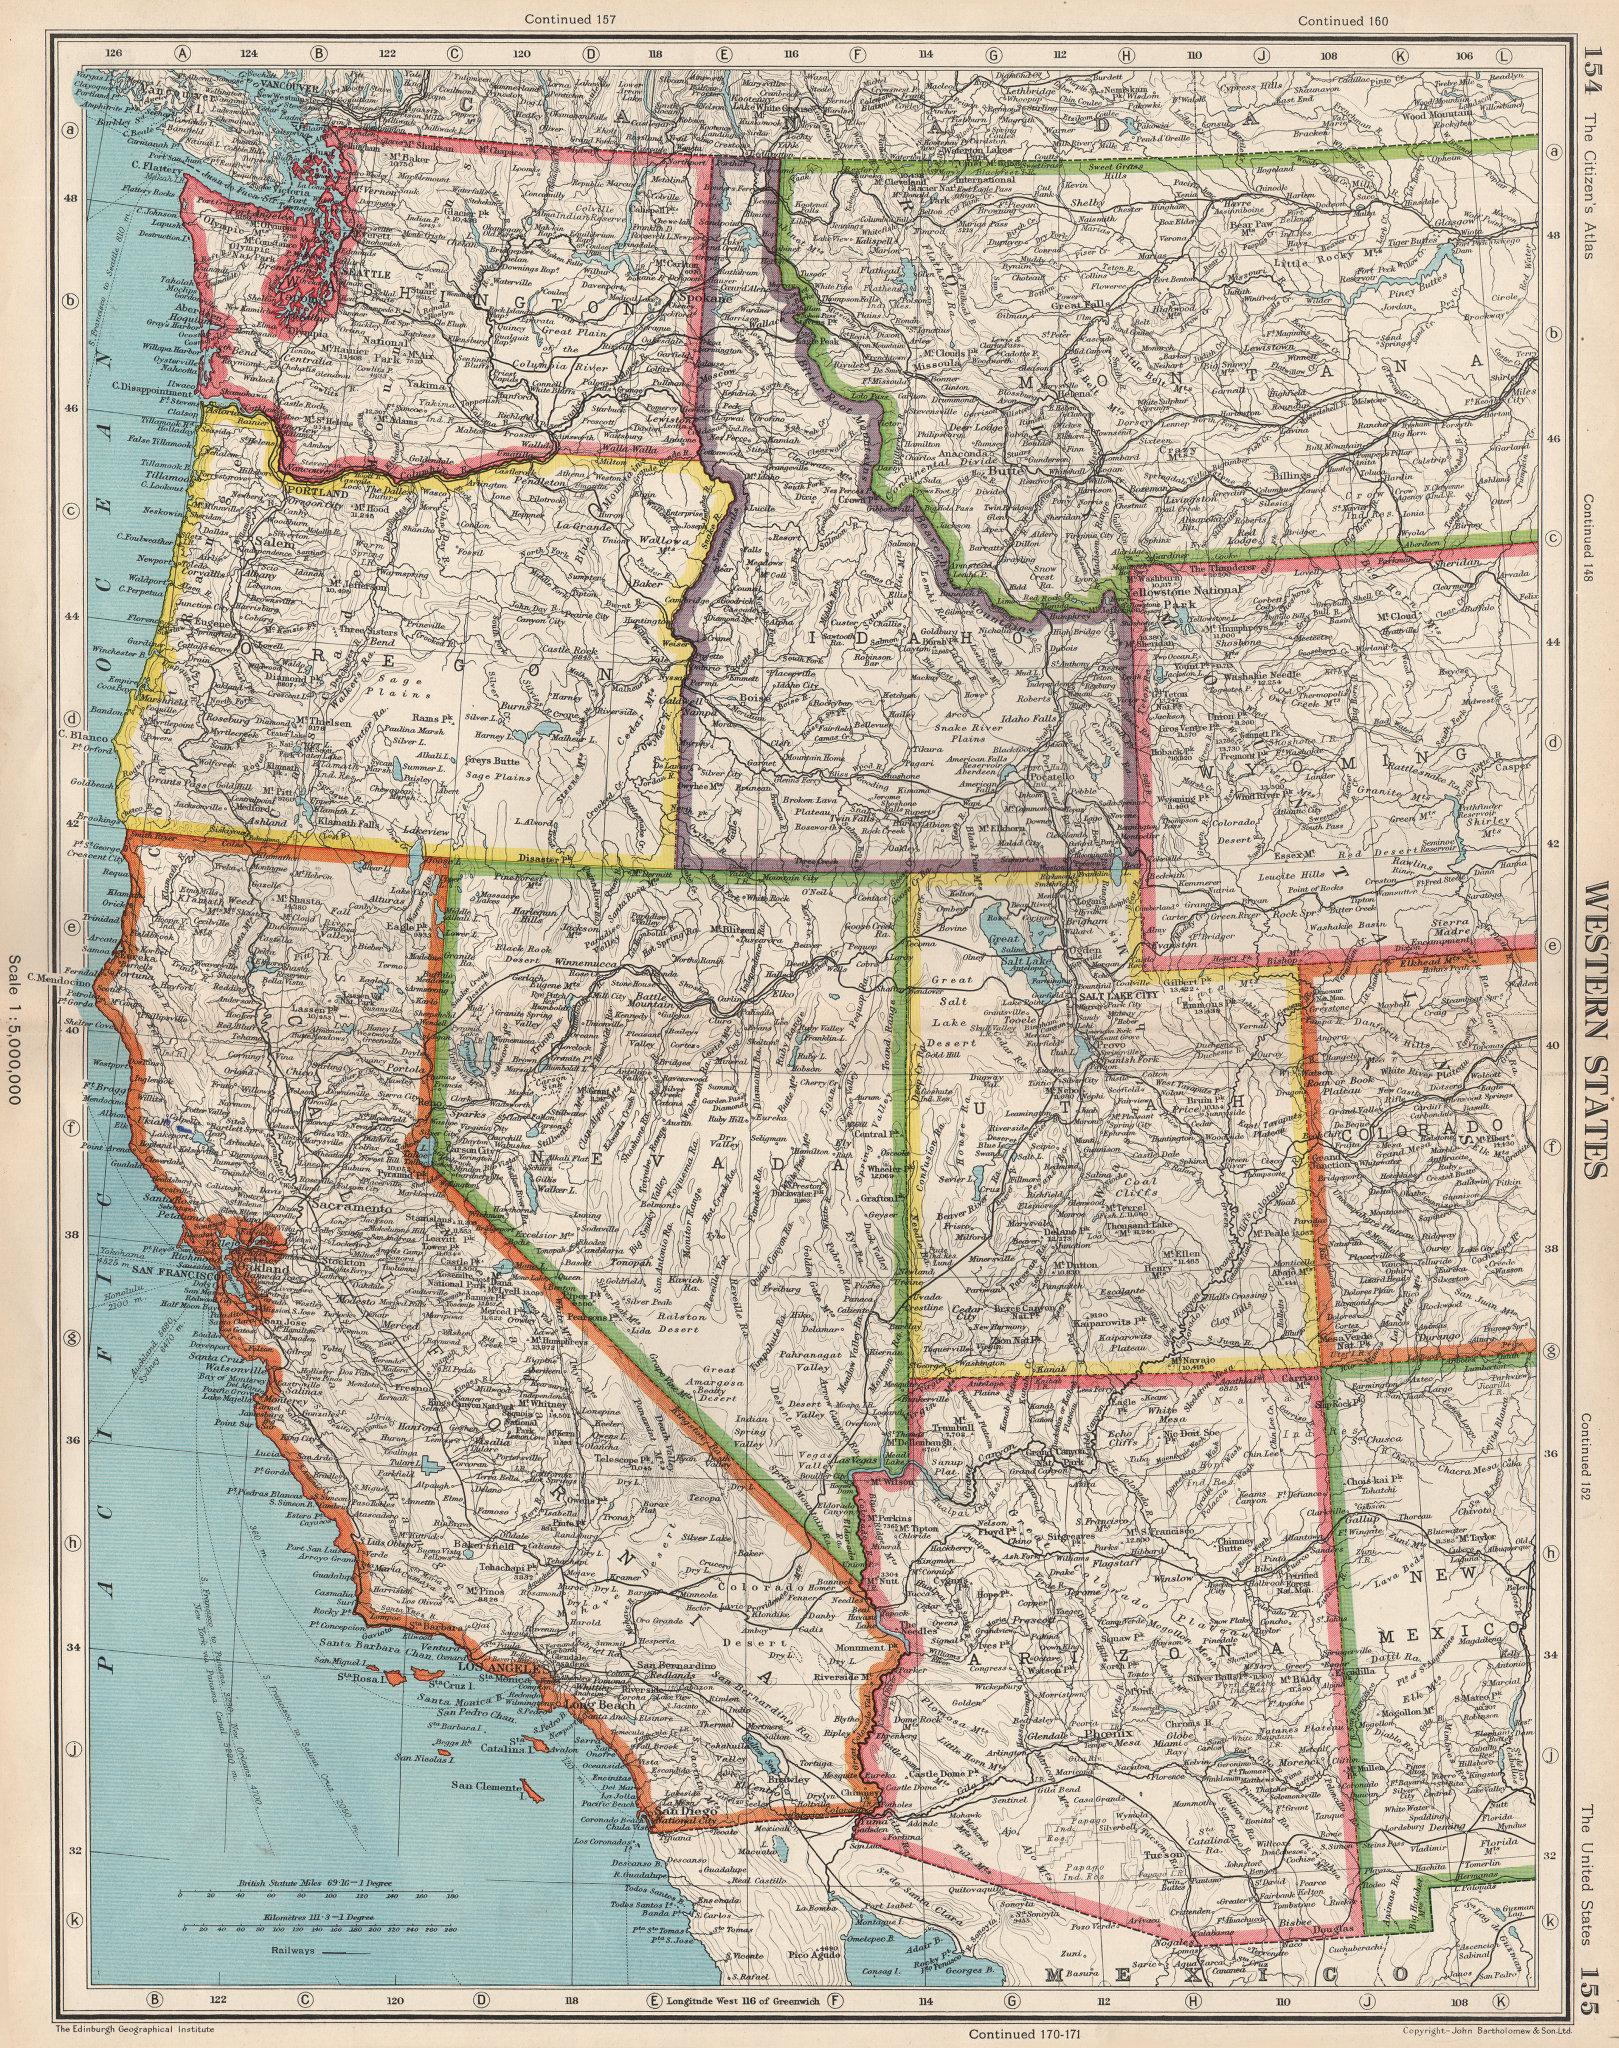 Associate Product USA WESTERN STATES. California Washington WA ID NV AZ UT. BARTHOLOMEW 1952 map